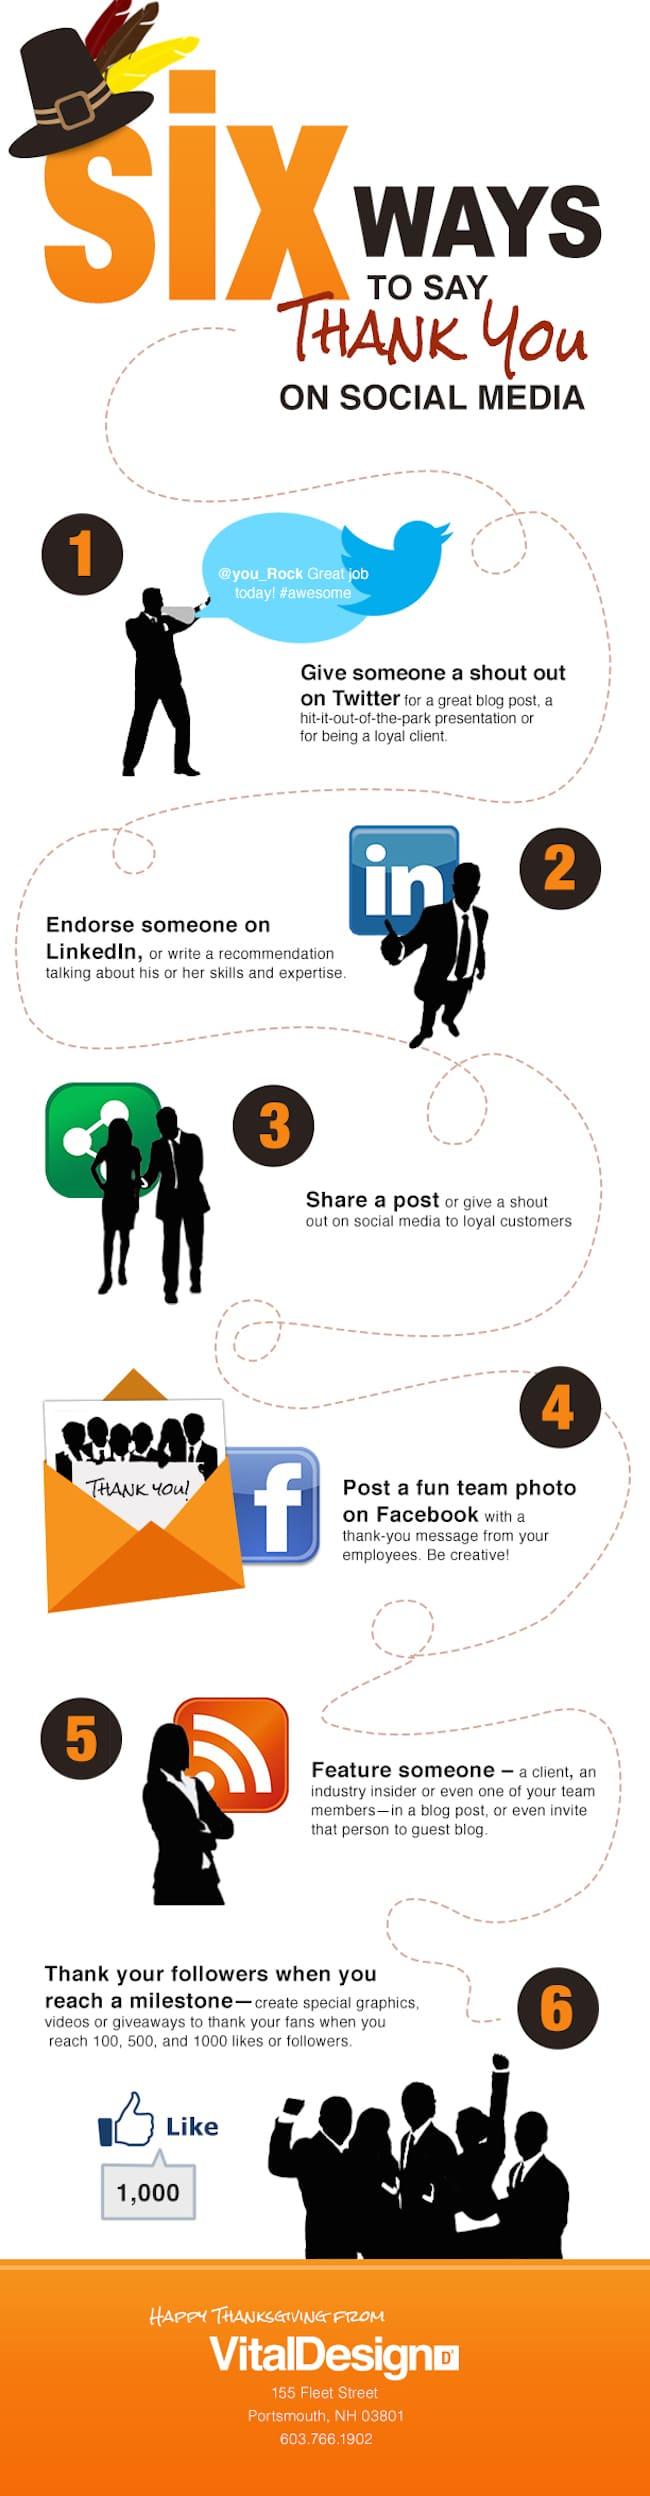 Différentes façons de remercier ses clients sur les réseaux sociaux